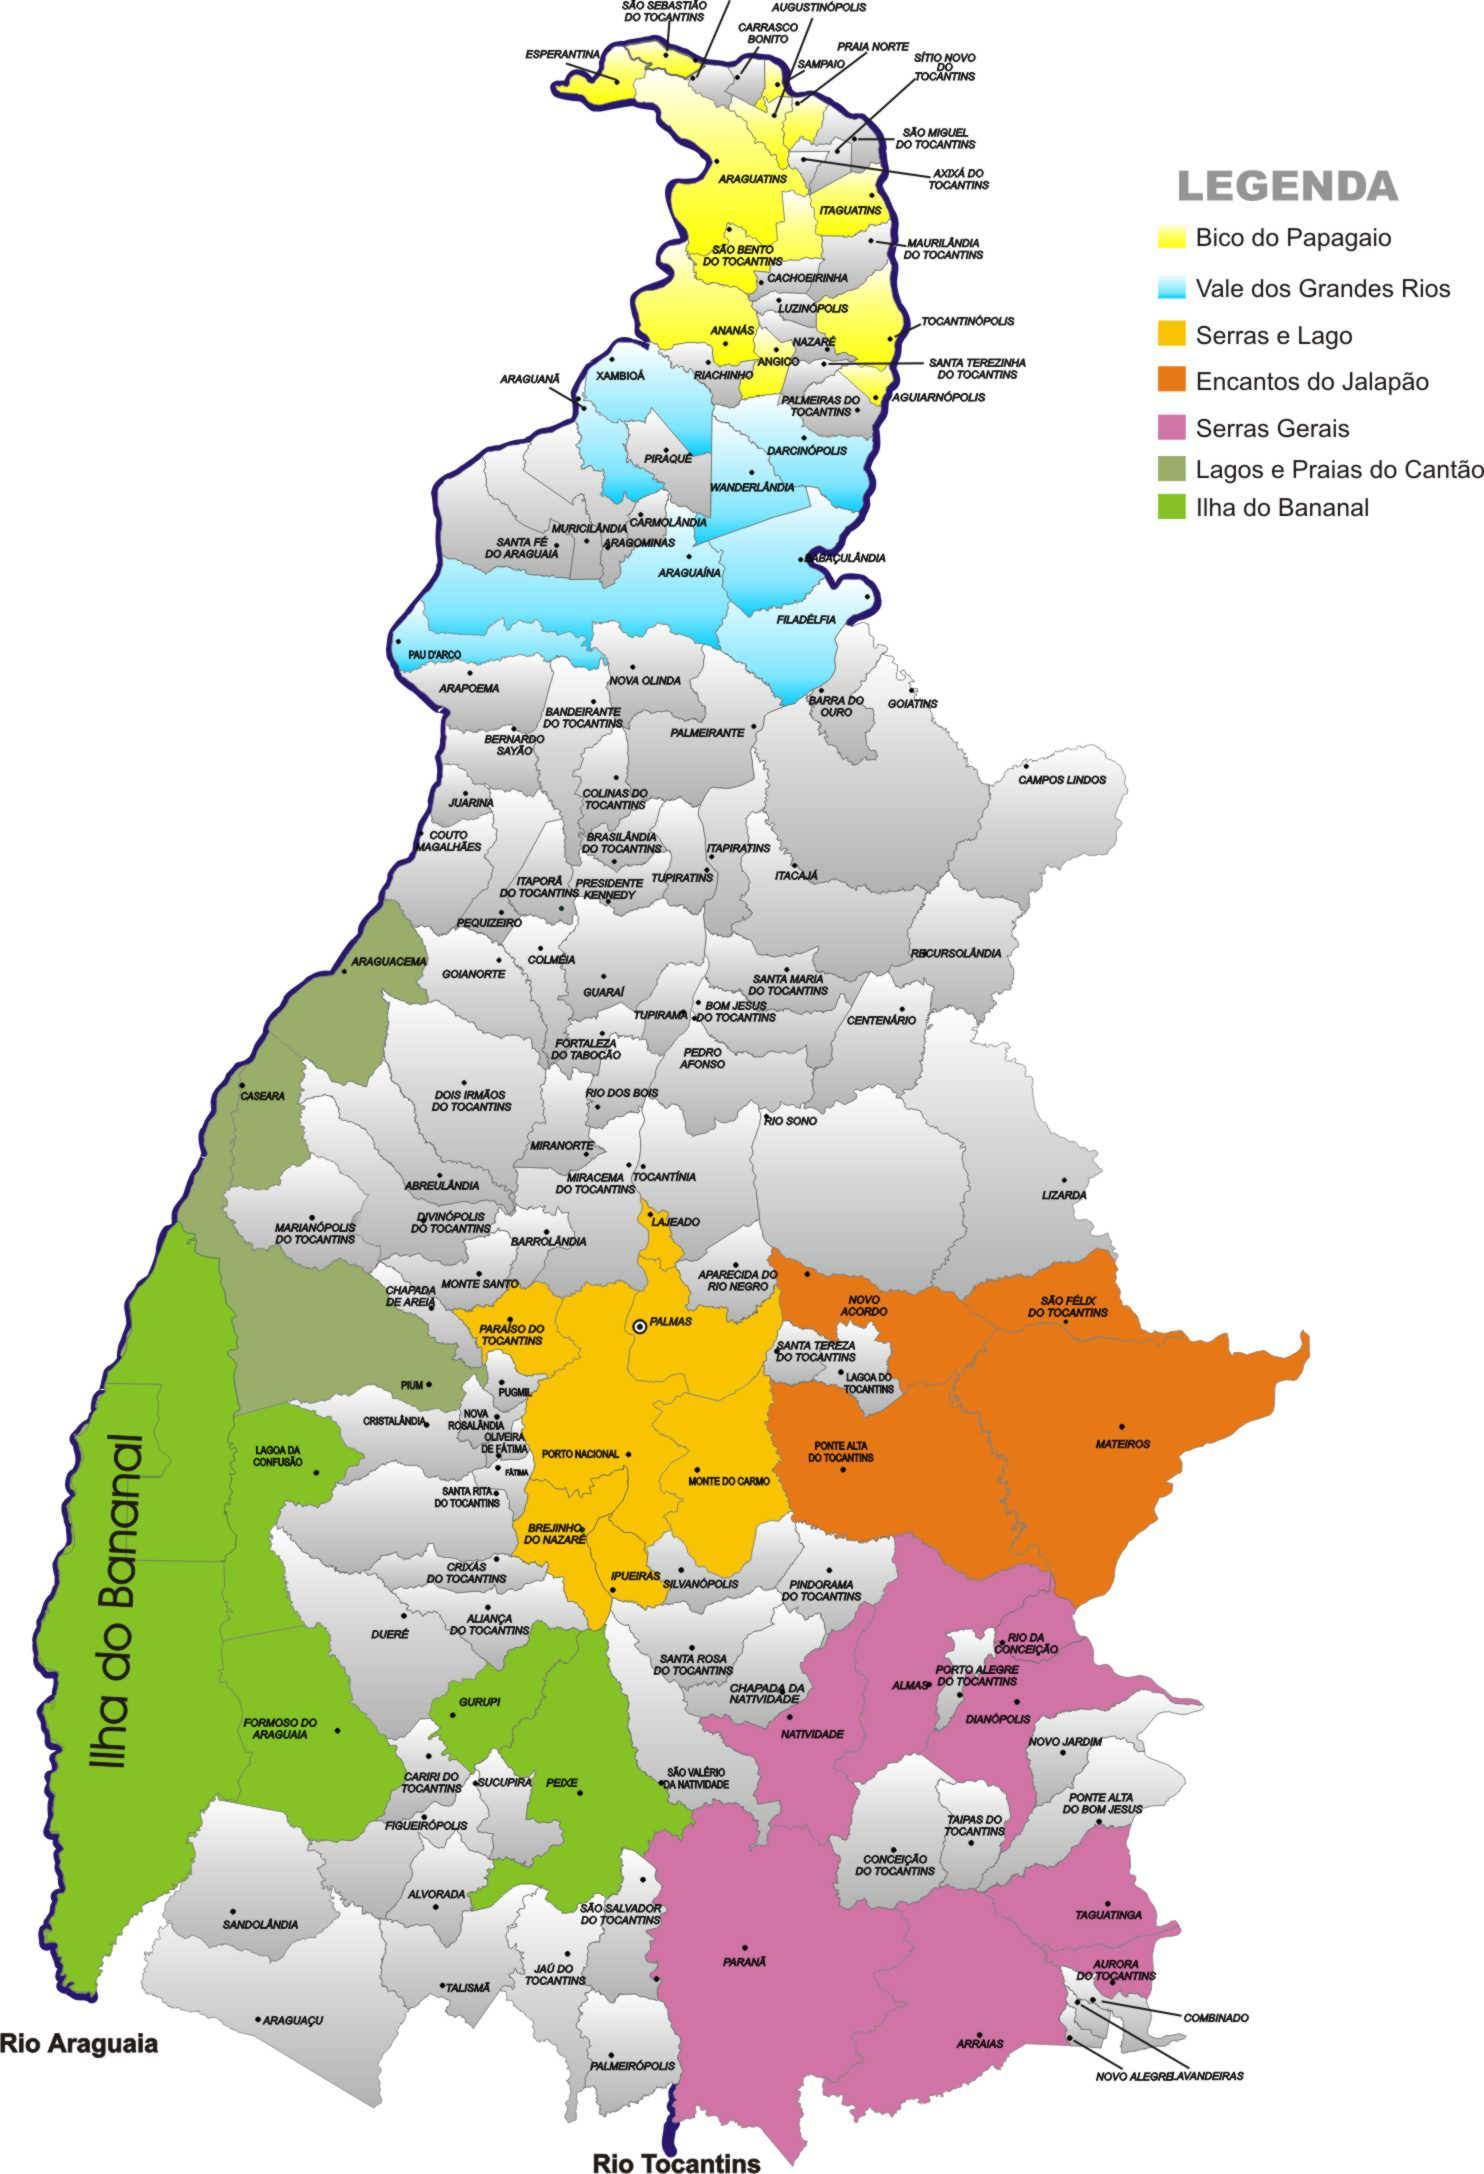 Todas regiões turísticas